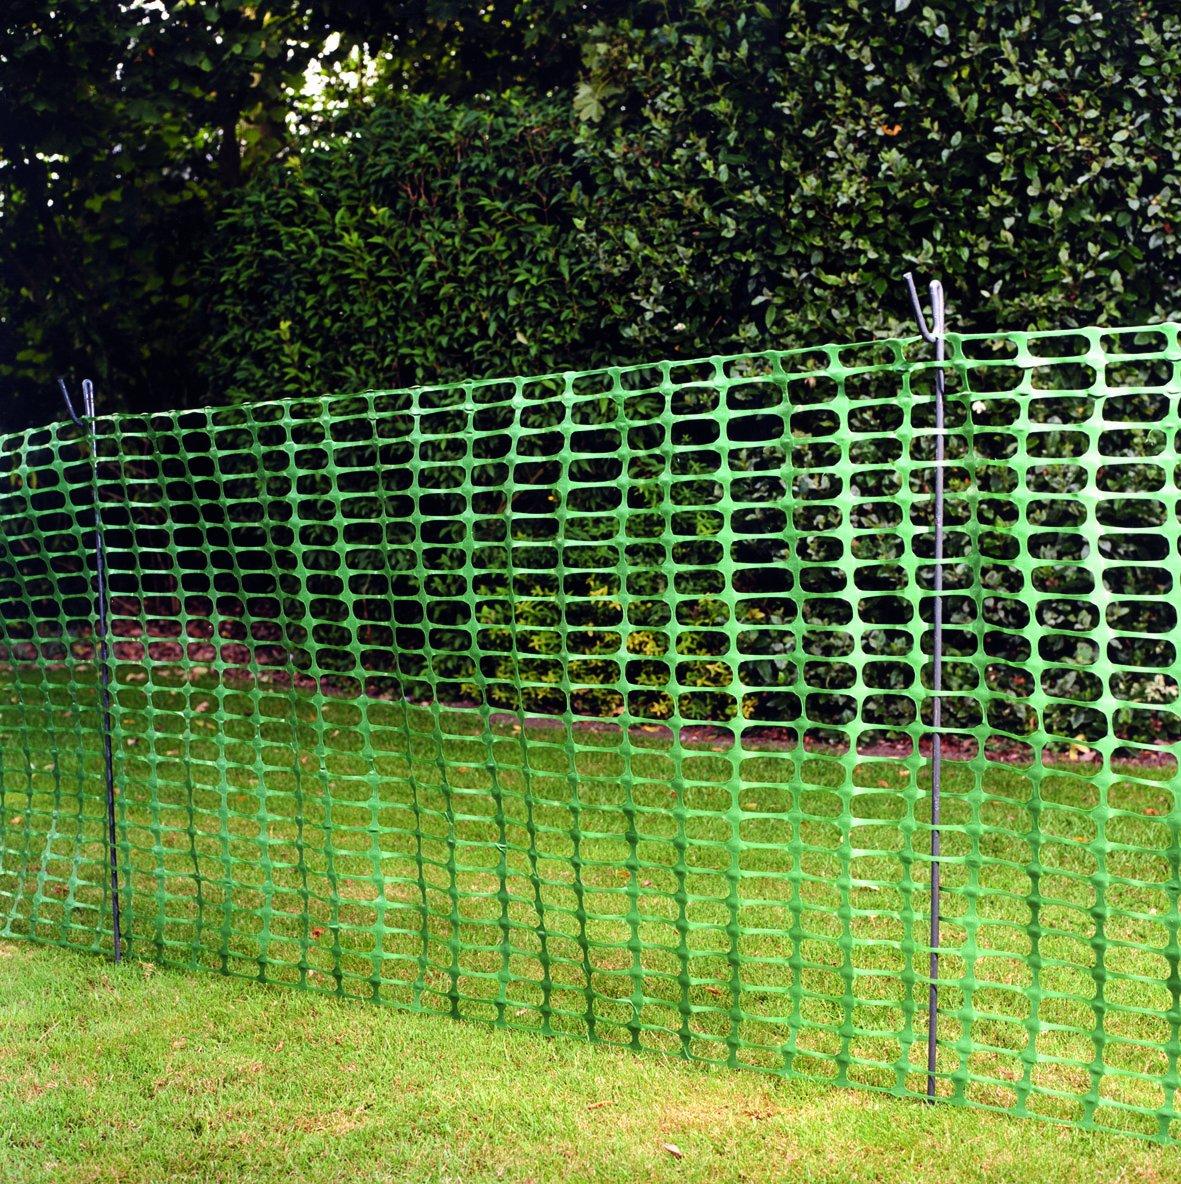 Grün Barriere Mesh 1 m x 50 m Zaun temporäre Netz Fechten – Ideal